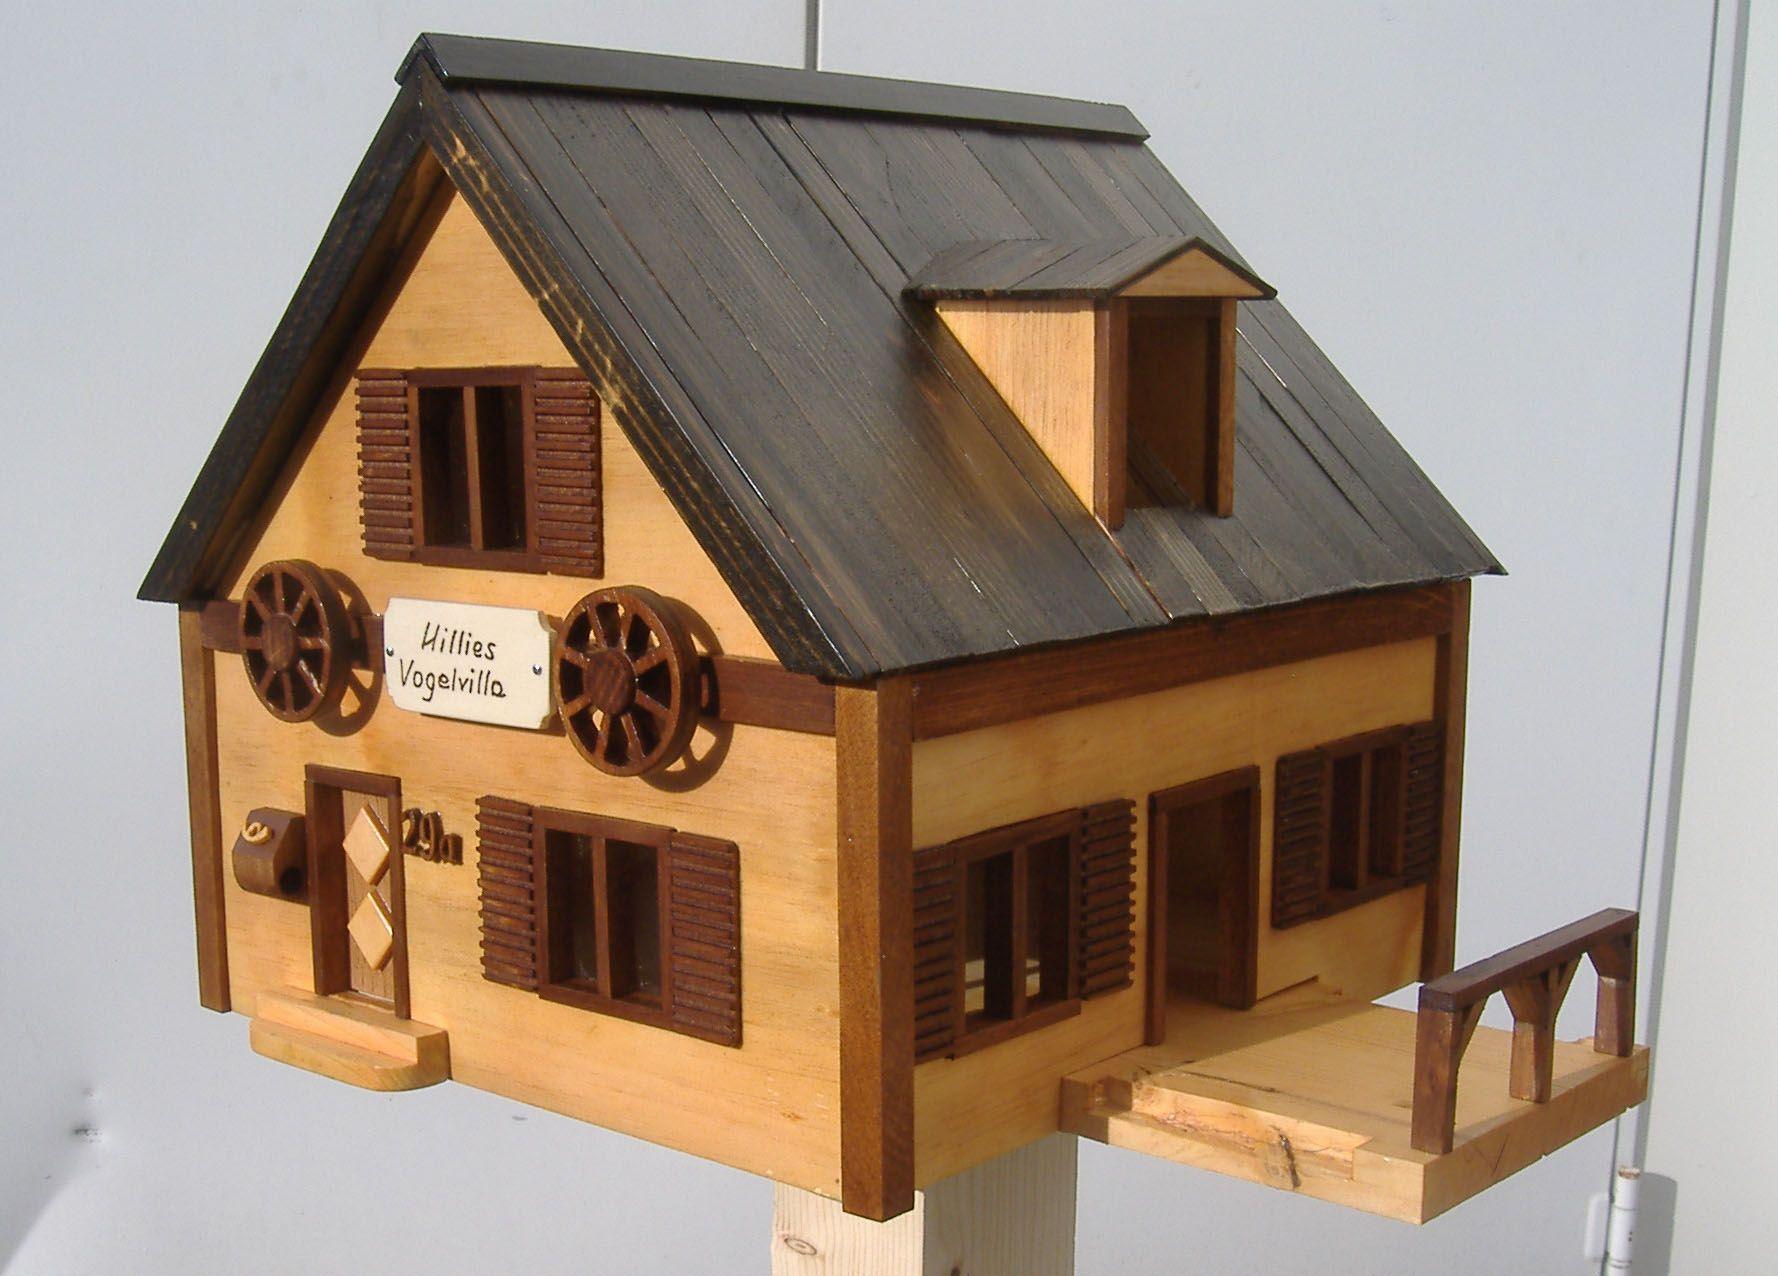 anleitung vogelhaus bauen vogelhaus futterhaus bausatz bauen kaufen die vom gelb wildlife. Black Bedroom Furniture Sets. Home Design Ideas